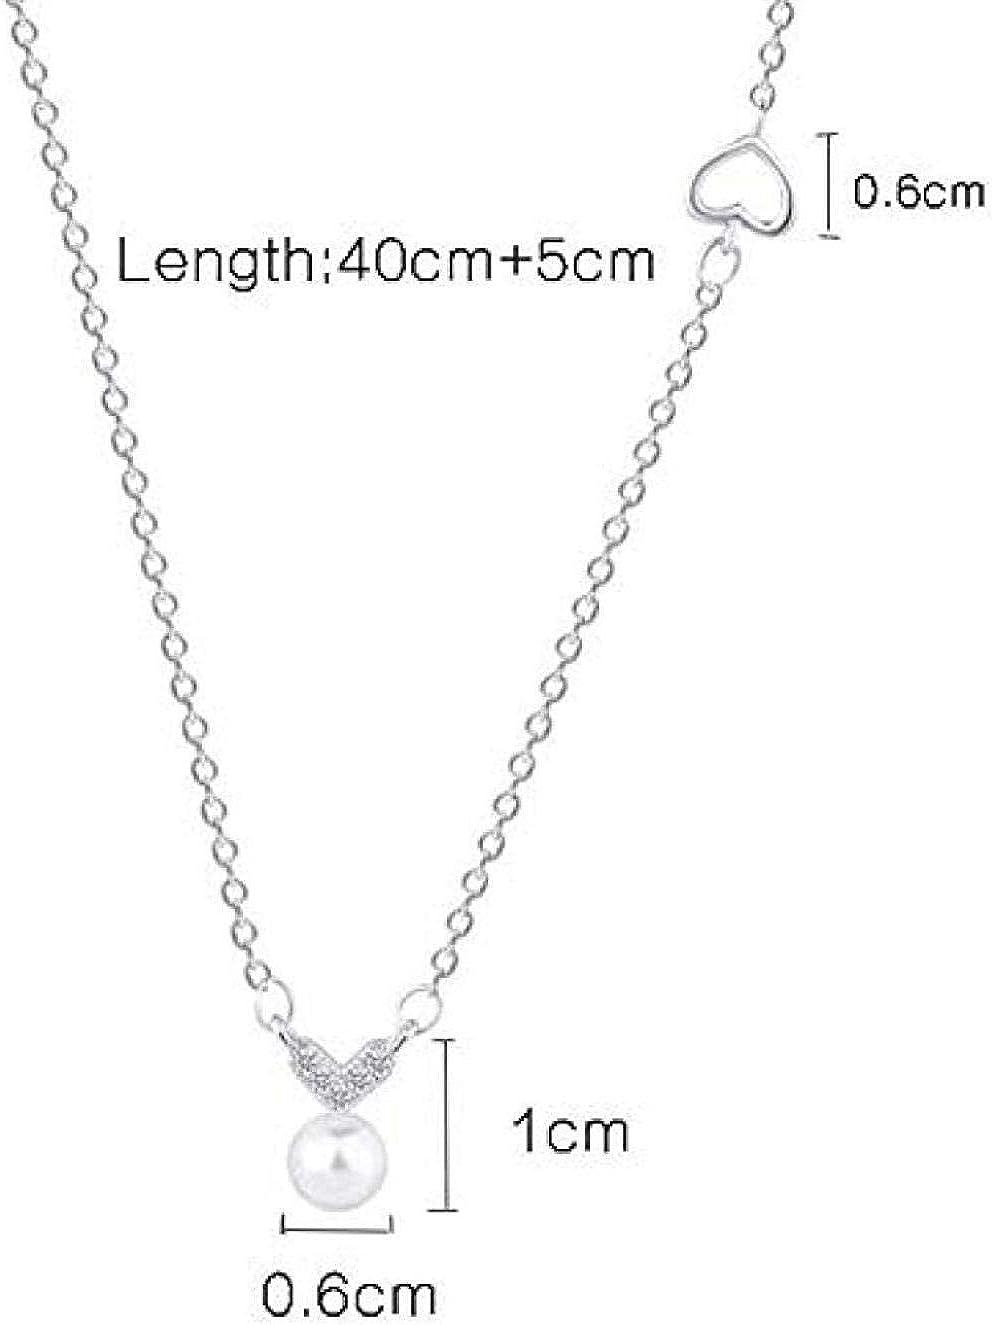 RUiillg Gargantilla,Collar de Mujer、Collar de Borla con Cuentas largas Hoja de Arce Colgante Collar Mujer Modelo Joyería de Perlas Joyería